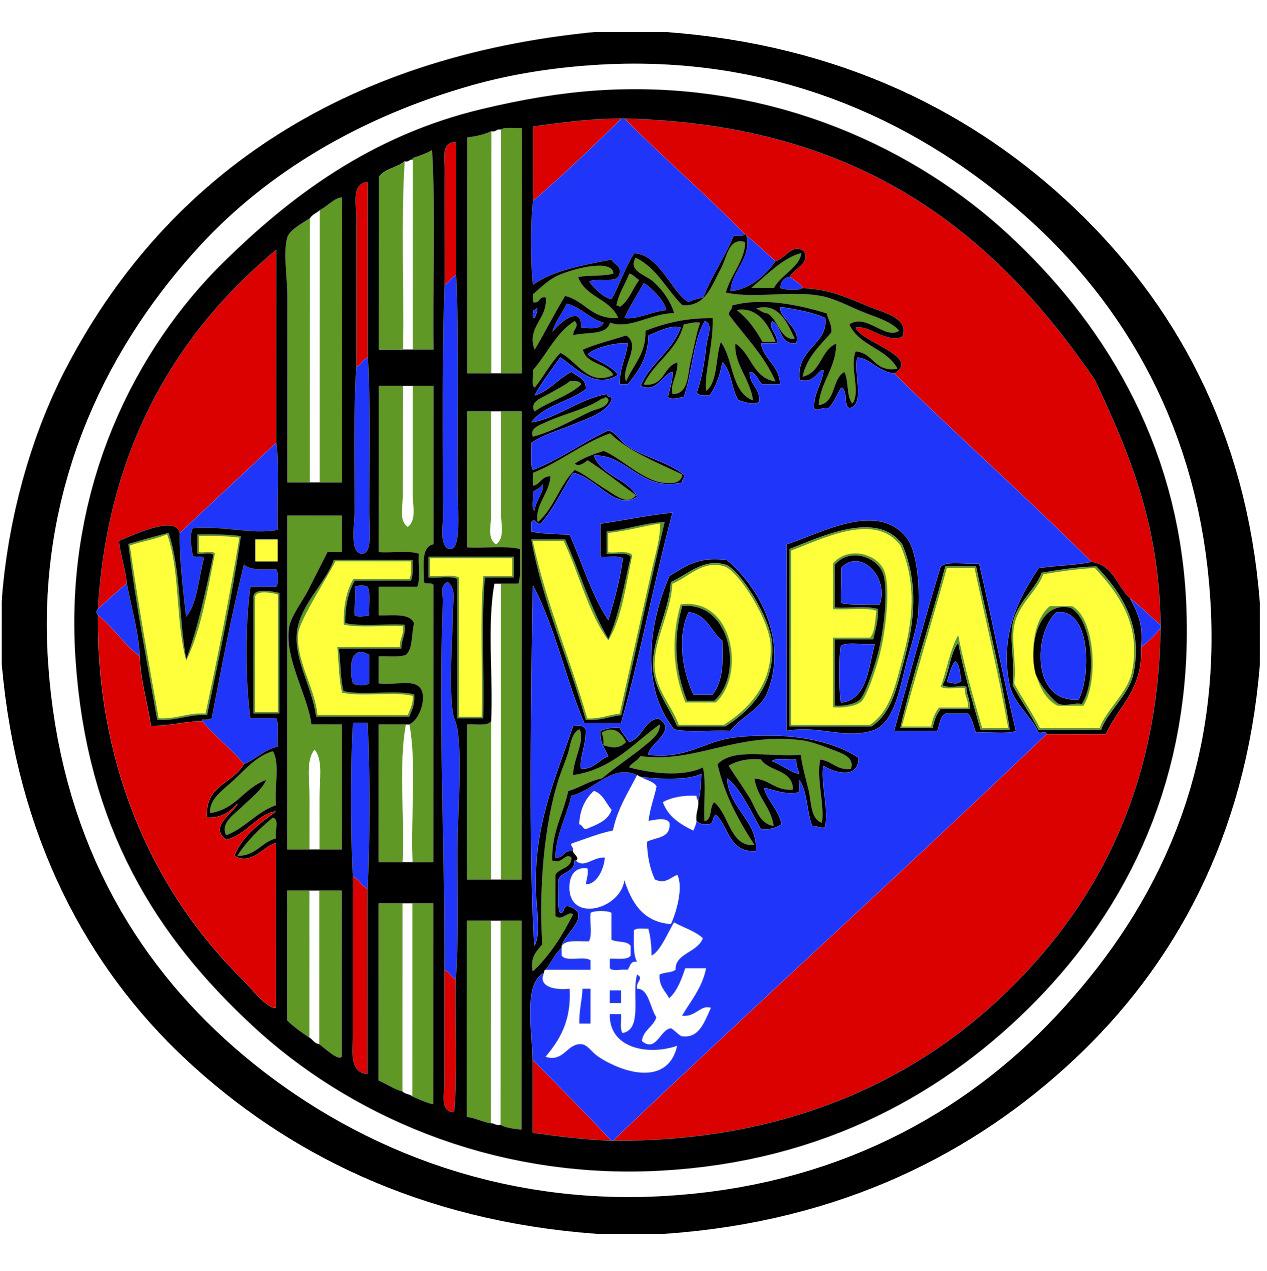 VIETVODAO SUISSE